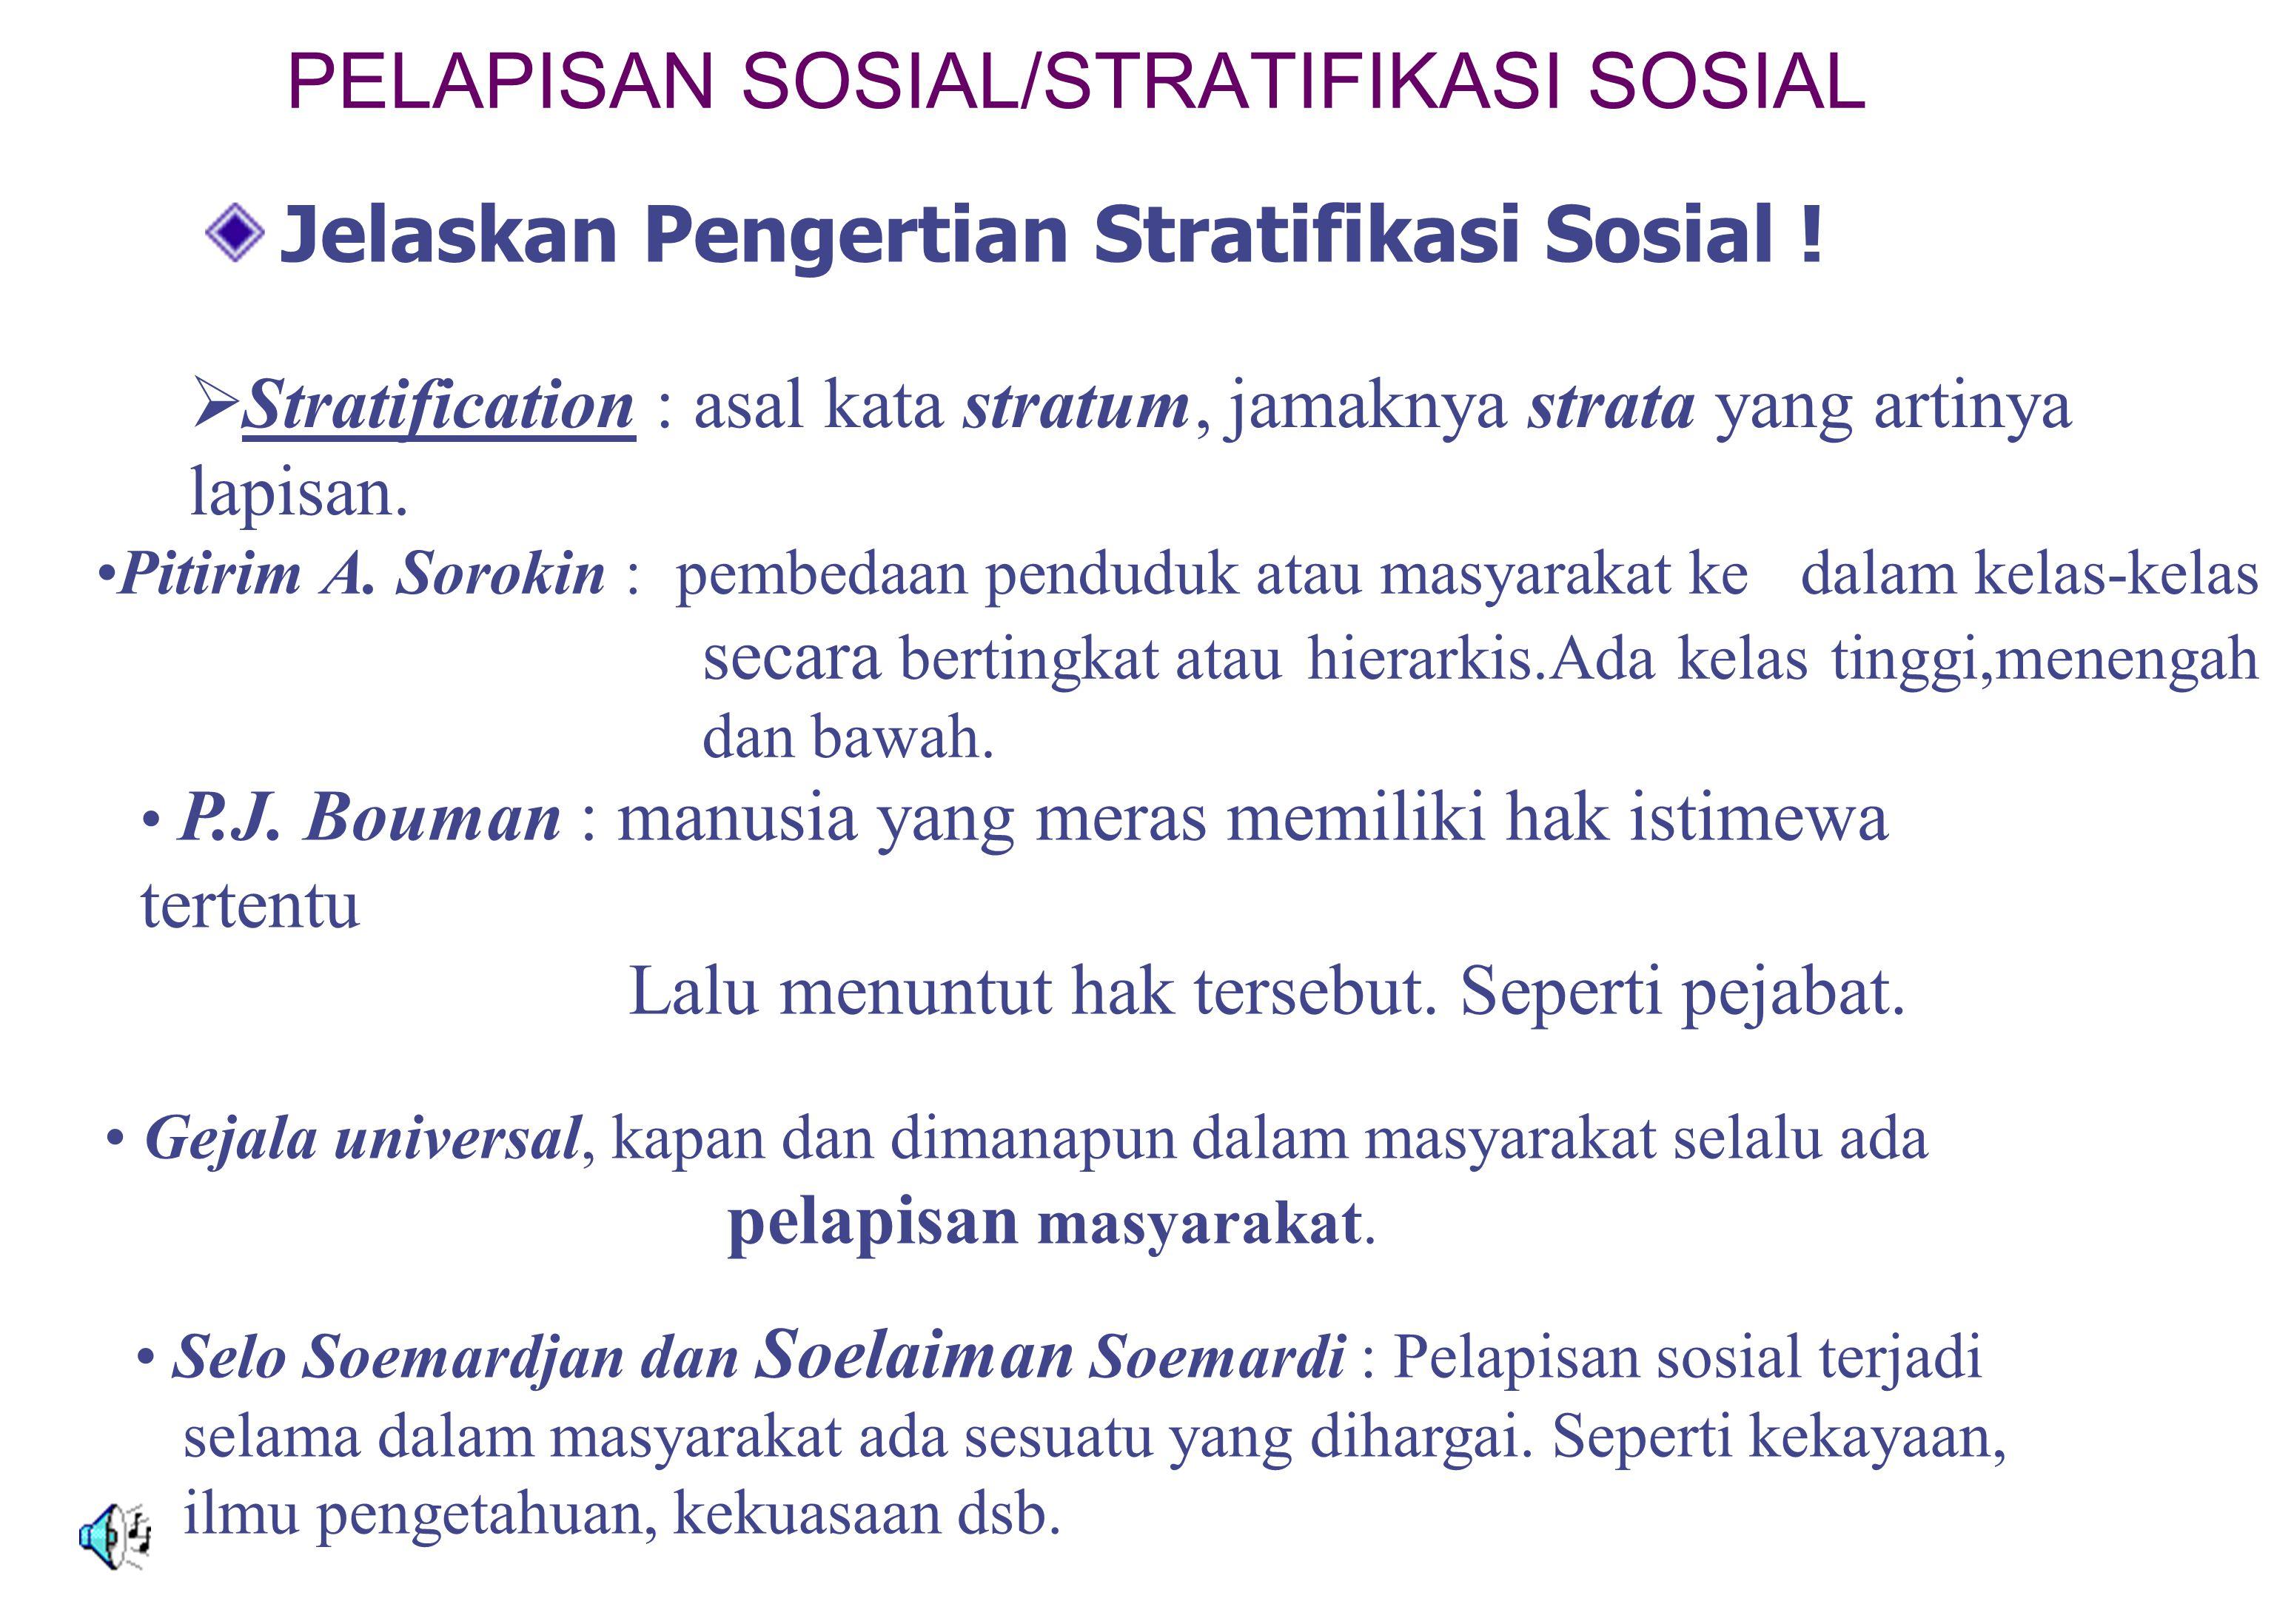 PELAPISAN SOSIAL/STRATIFIKASI SOSIAL Jelaskan Pengertian Stratifikasi Sosial .